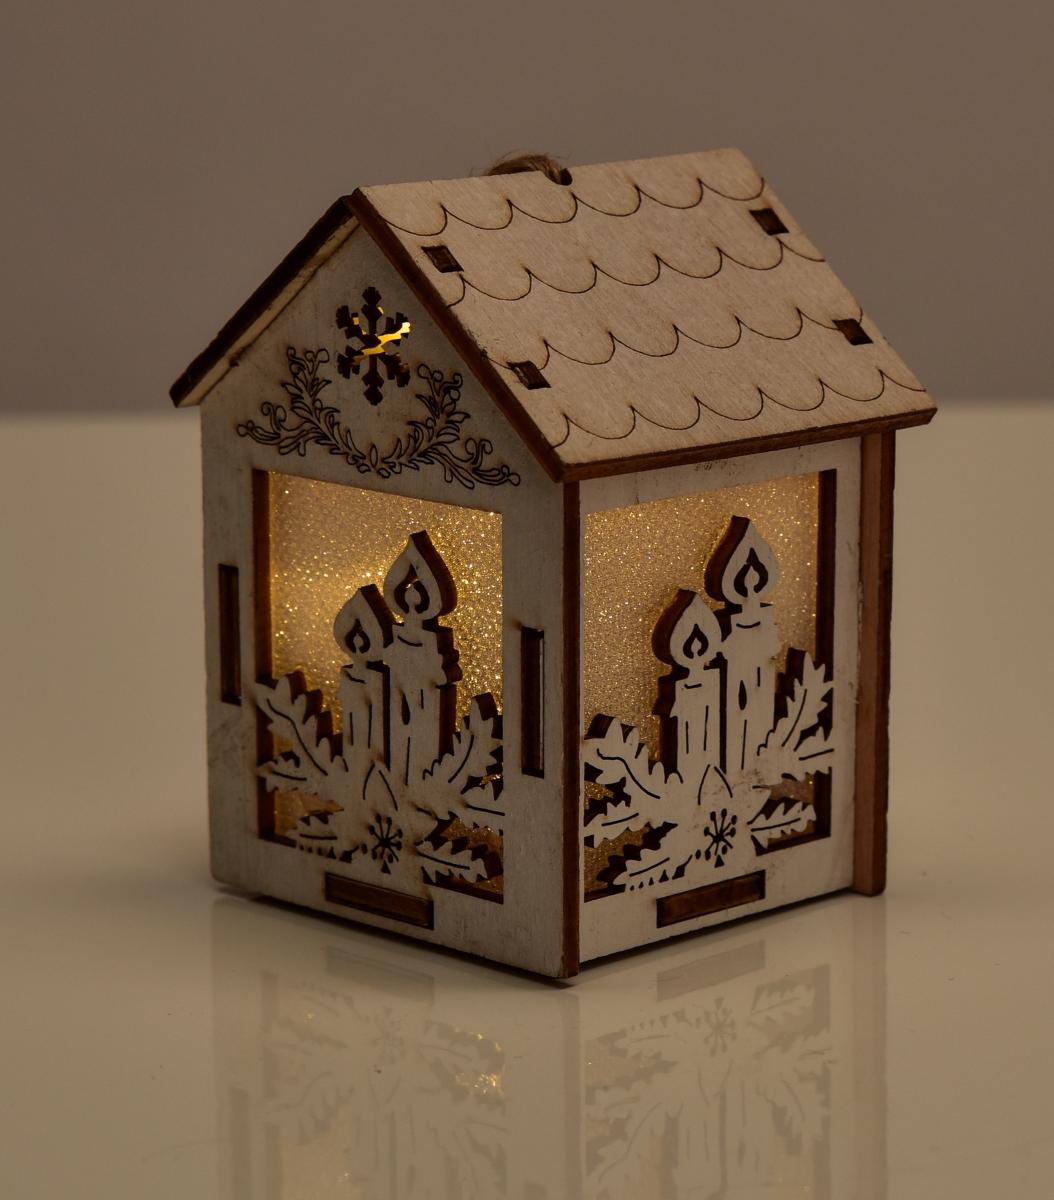 Dřevěný domek  s motivy svíček LED osvětlení